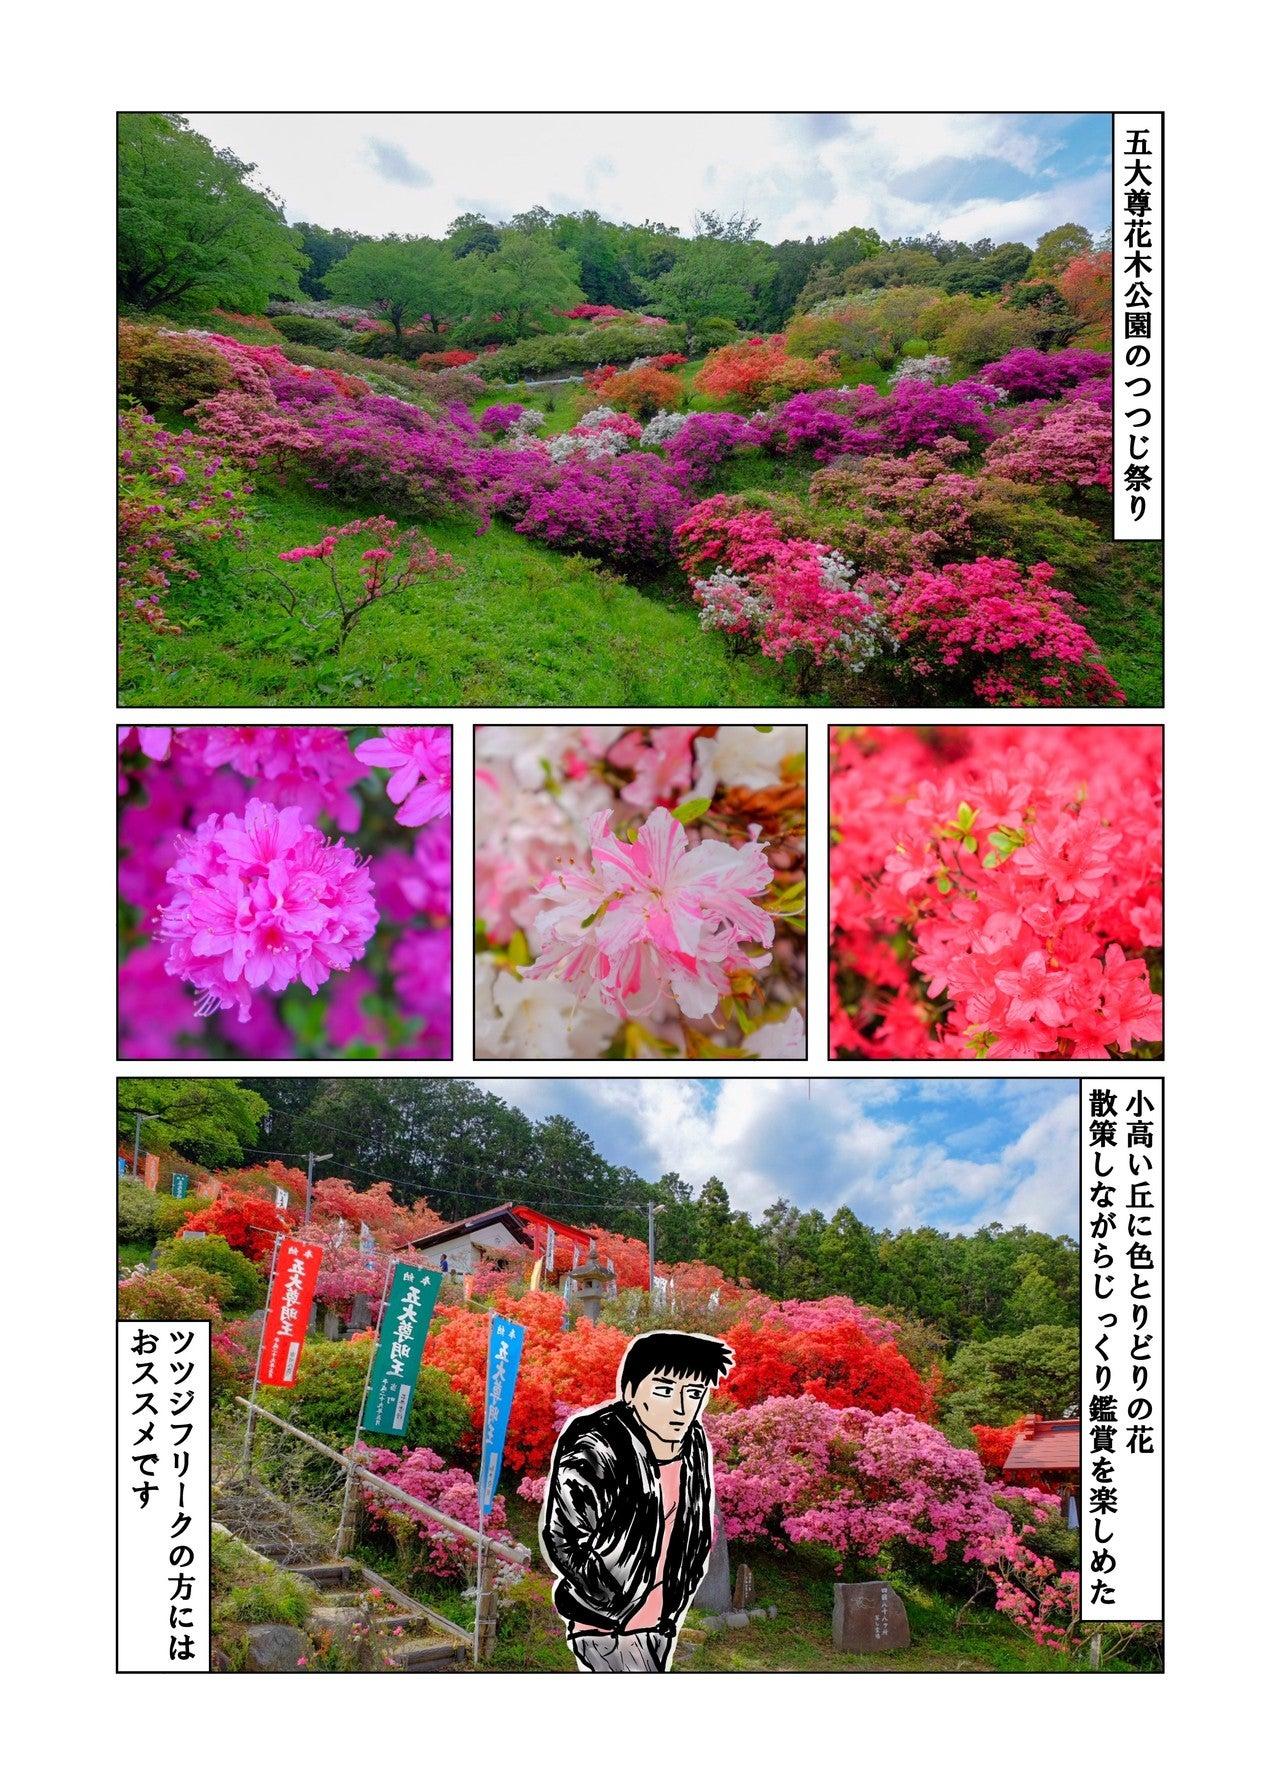 五大尊花木公園つつじ祭り10_5mb